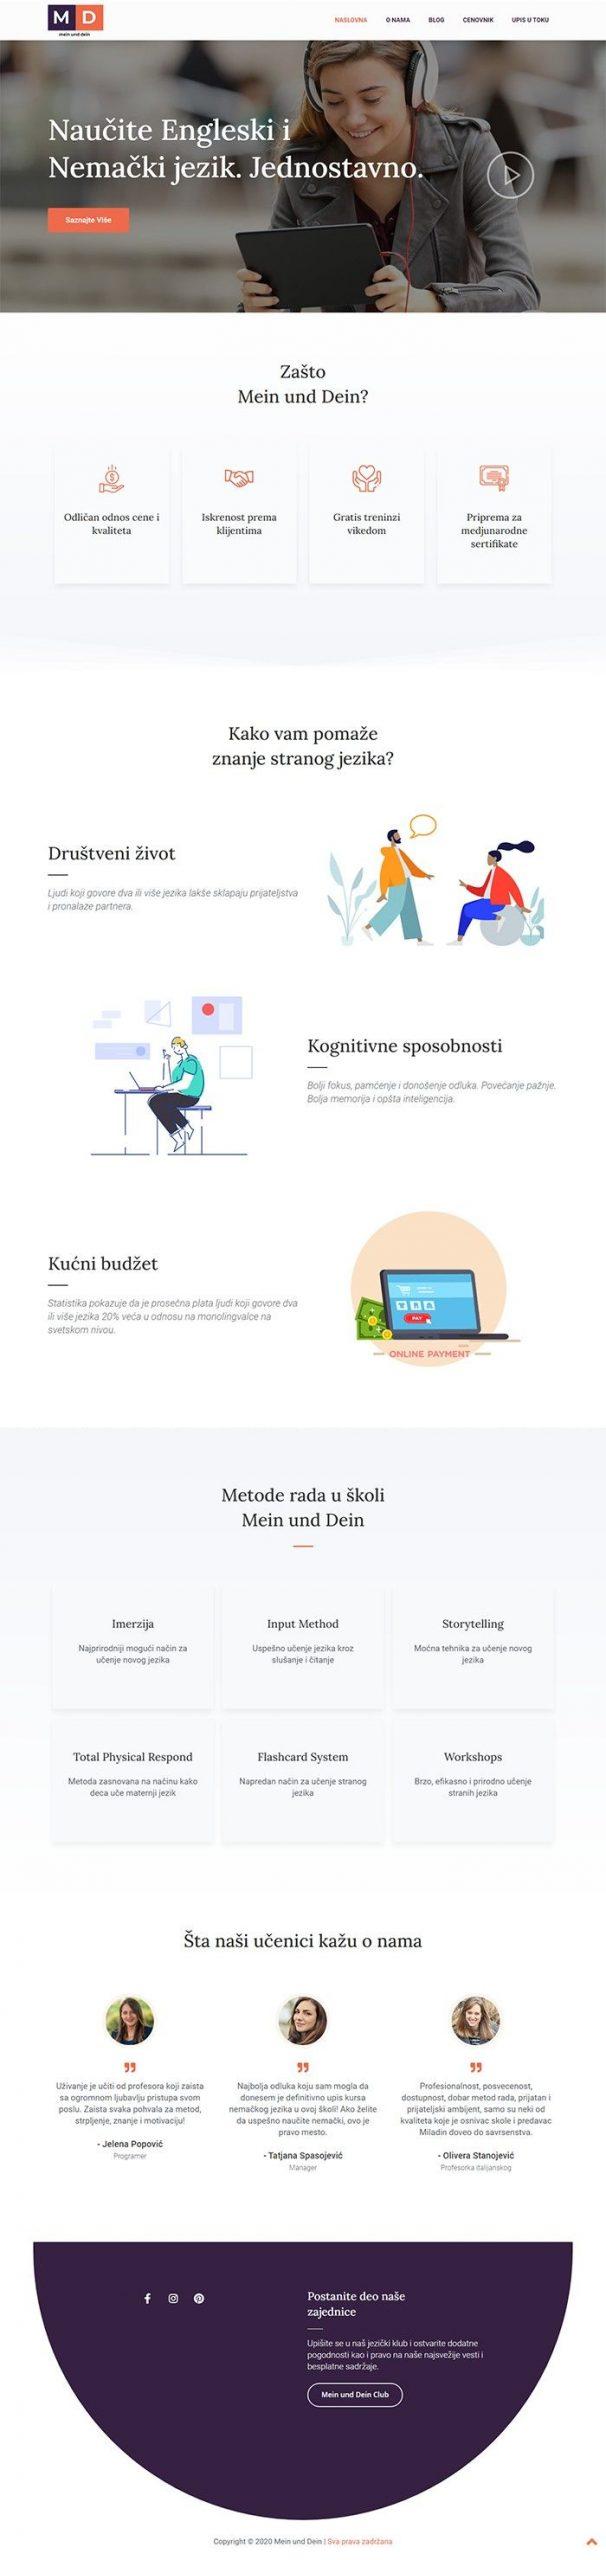 Mein und Dein - Agencija za Digitalni Marketing Bluelinemedia - Naslovna_new